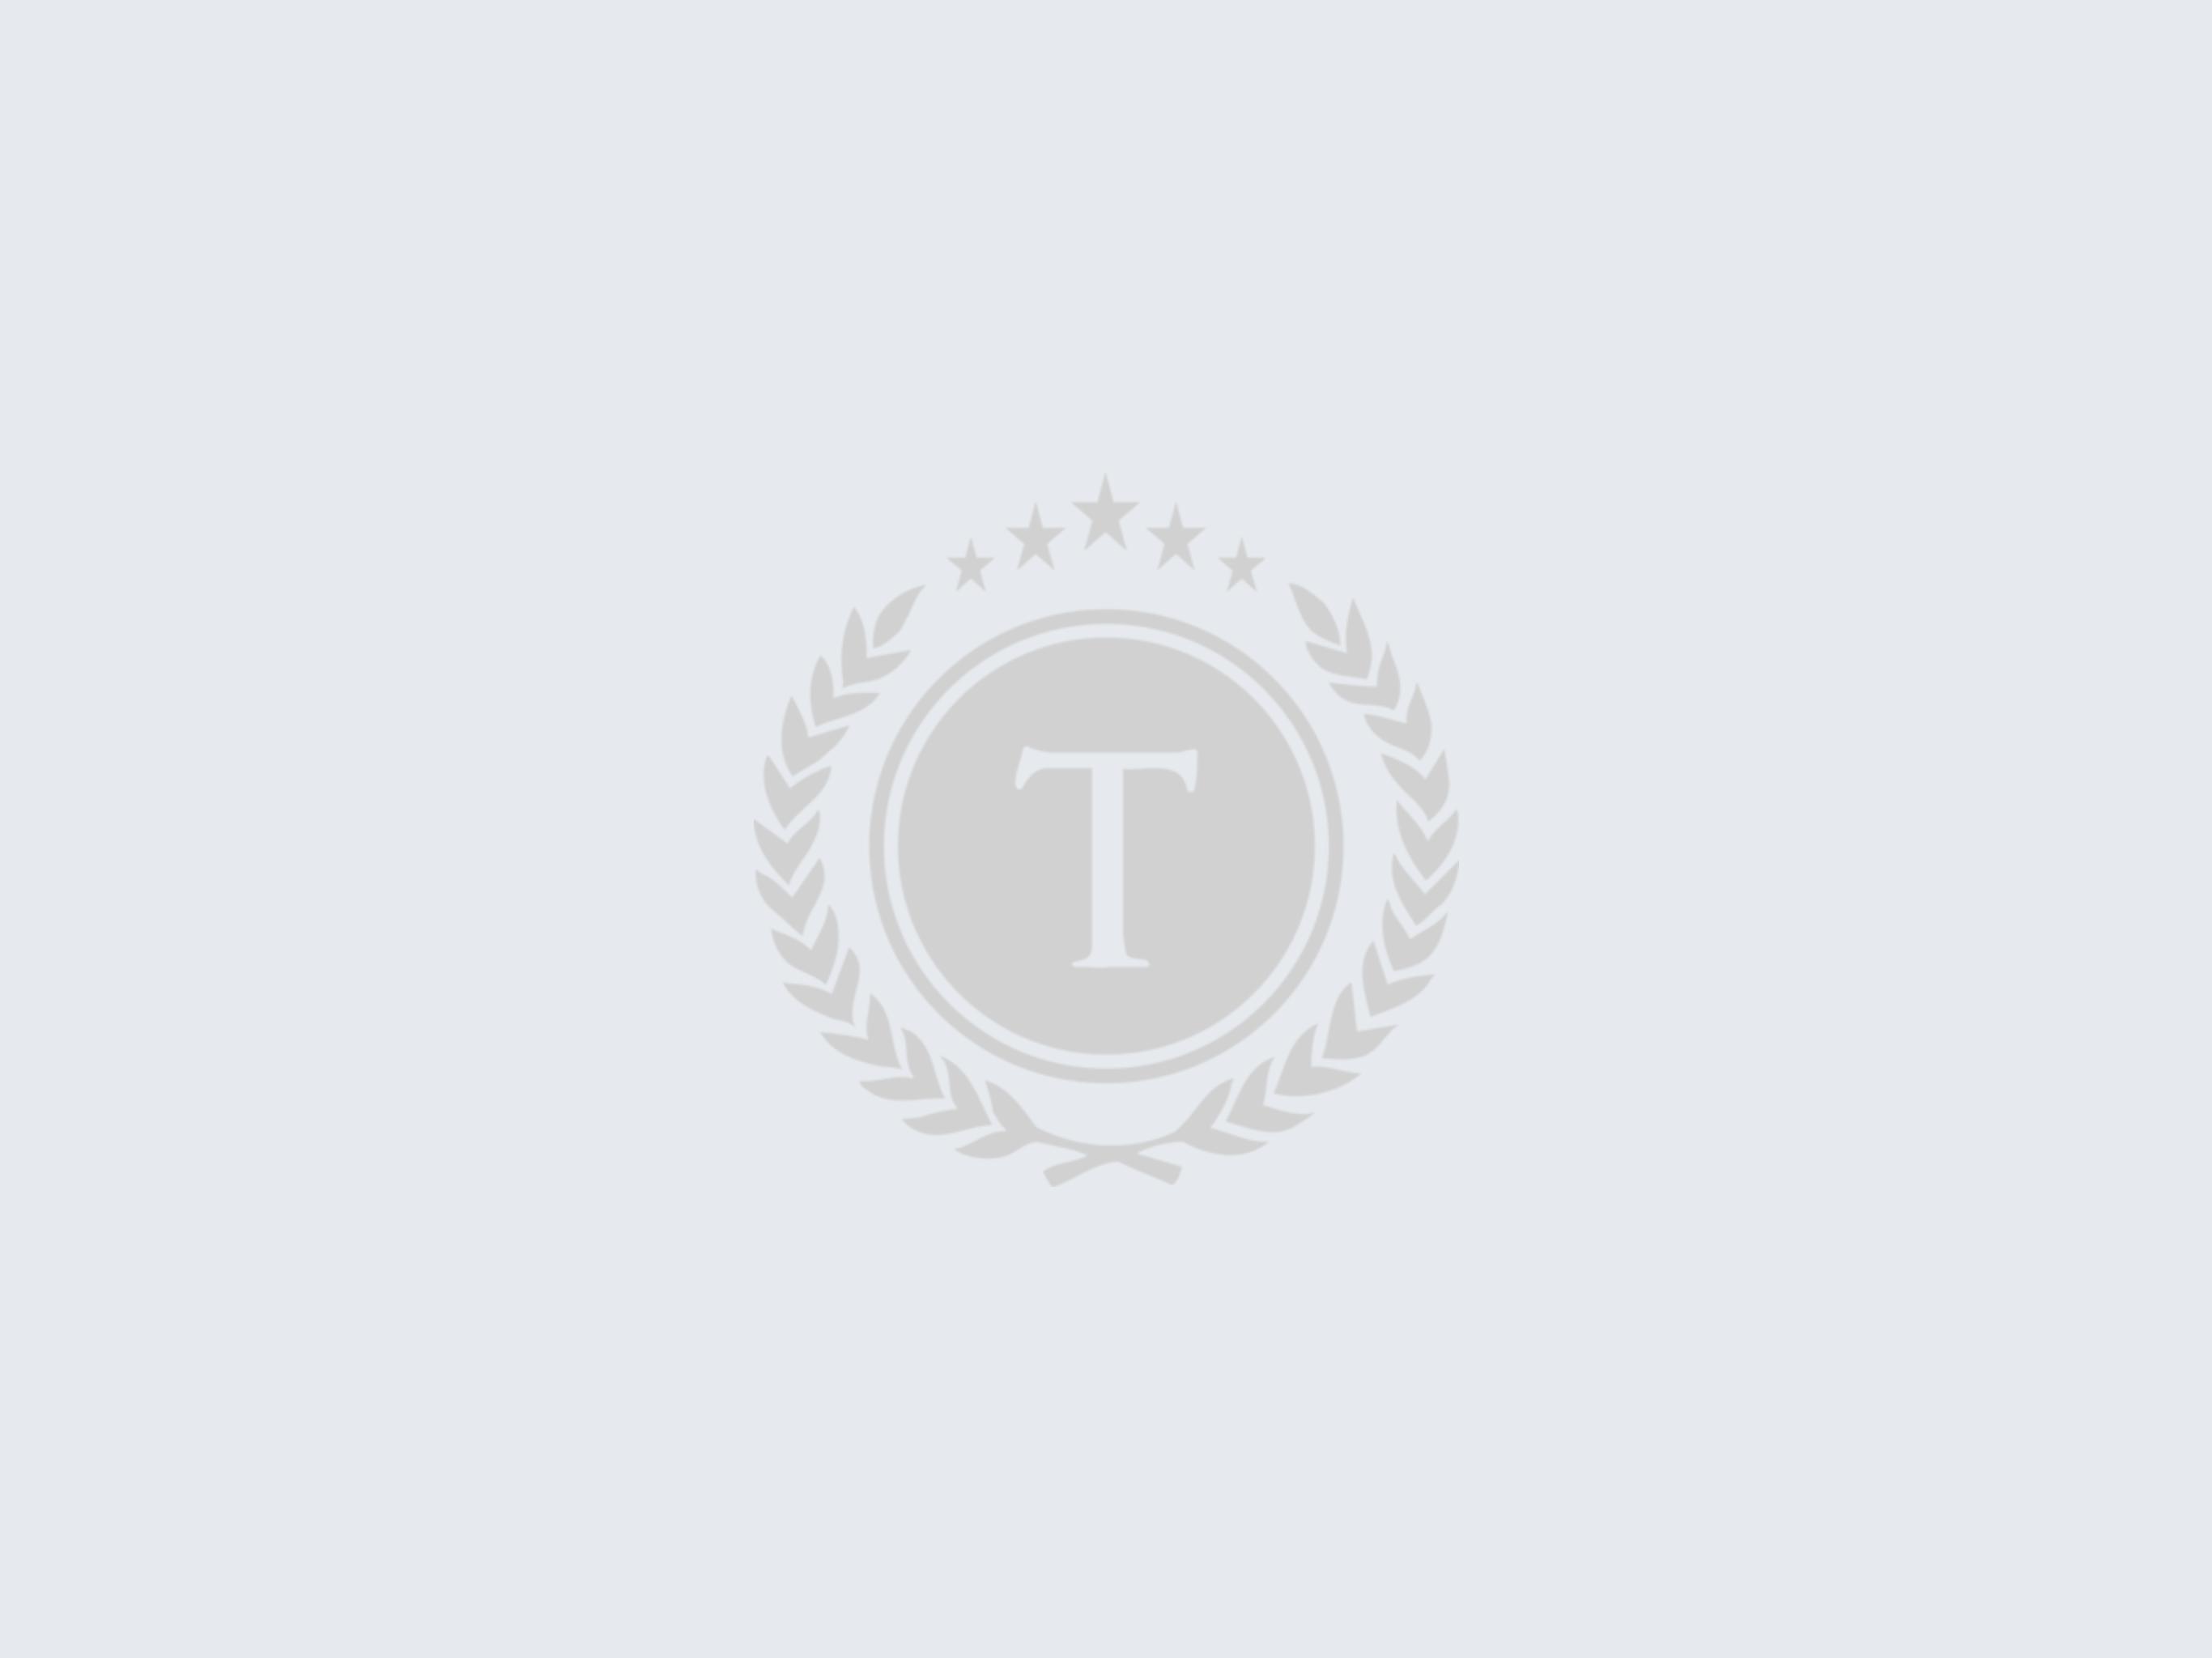 Kuva Suomen Tuontiliikkeen logosta harmaalla taustalla.